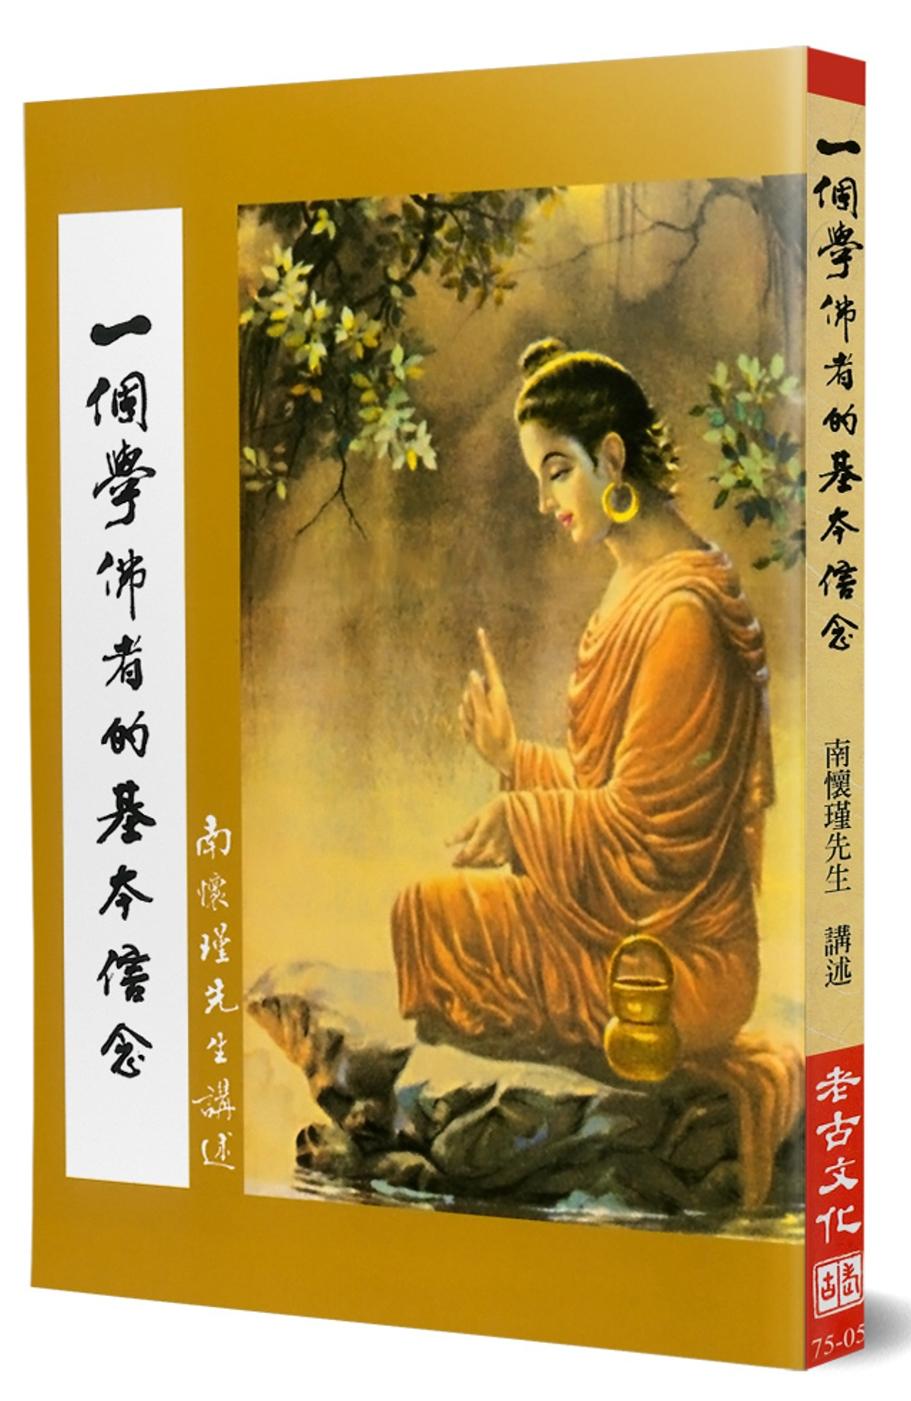 一個學佛者的基本信念:華嚴經普賢行願品講錄